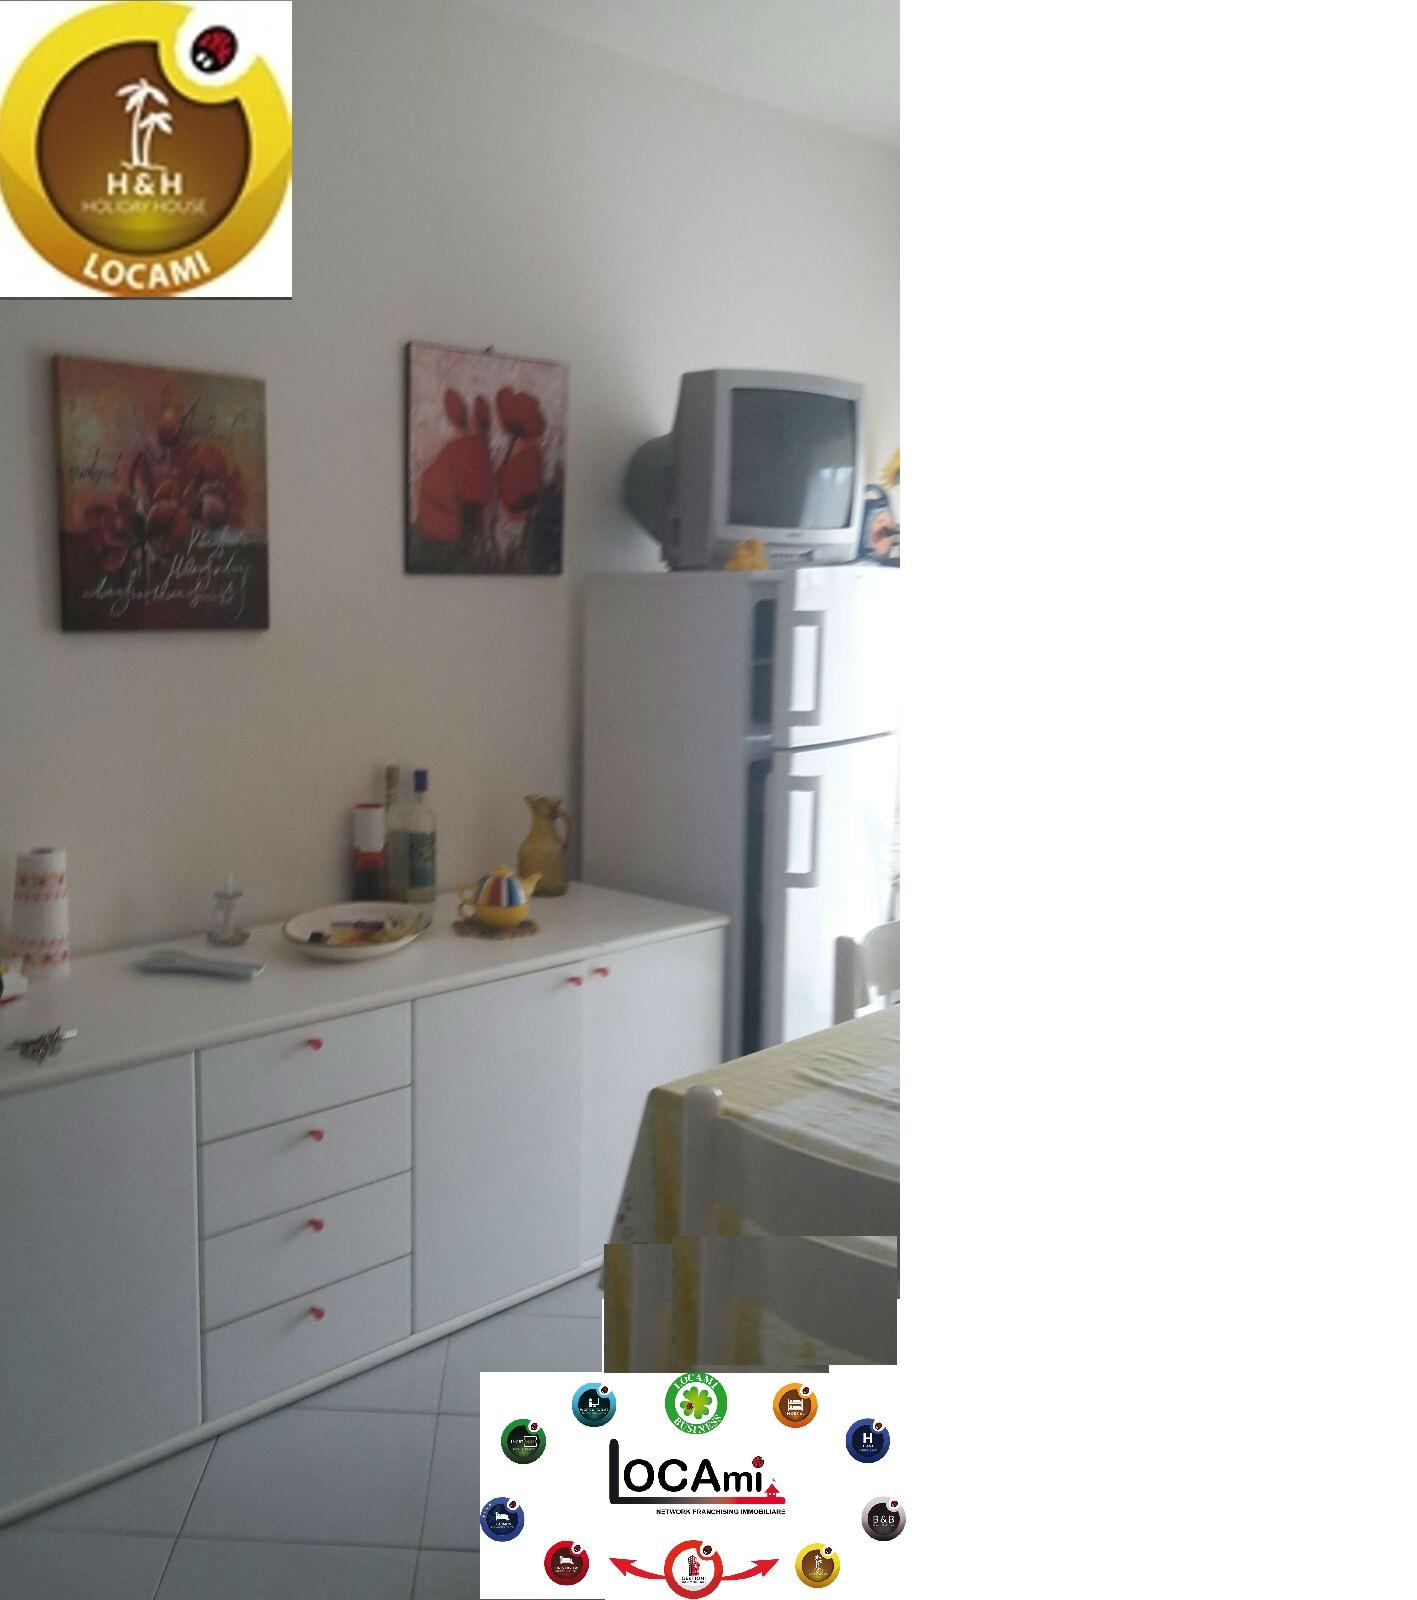 Immobile Turistico in affitto a Gioiosa Marea, 3 locali, Trattative riservate | Cambio Casa.it